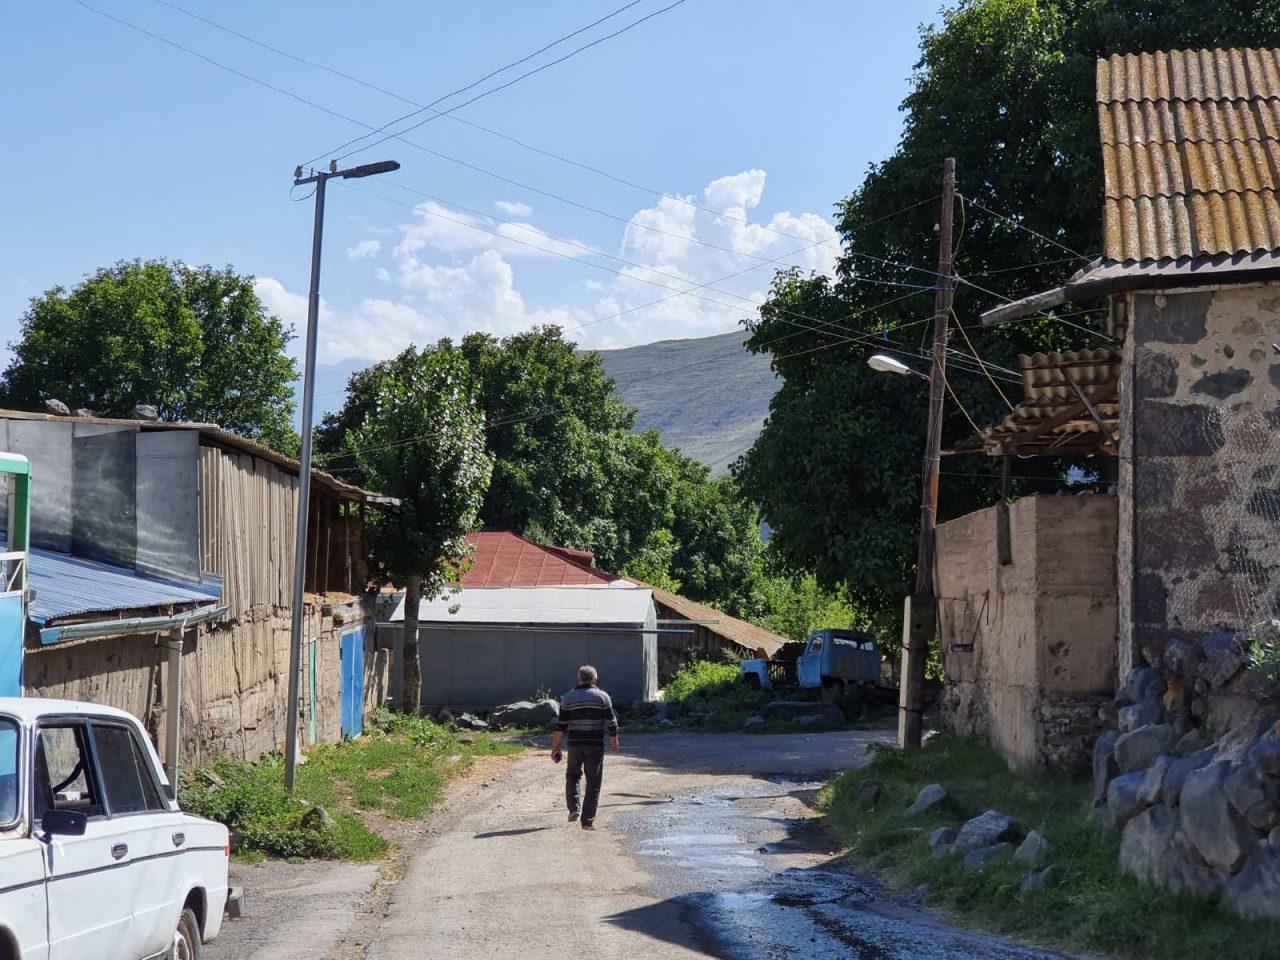 Վիվա-ՄՏՍ. Սյունիքում հերթական գյուղն է լուսավորվել